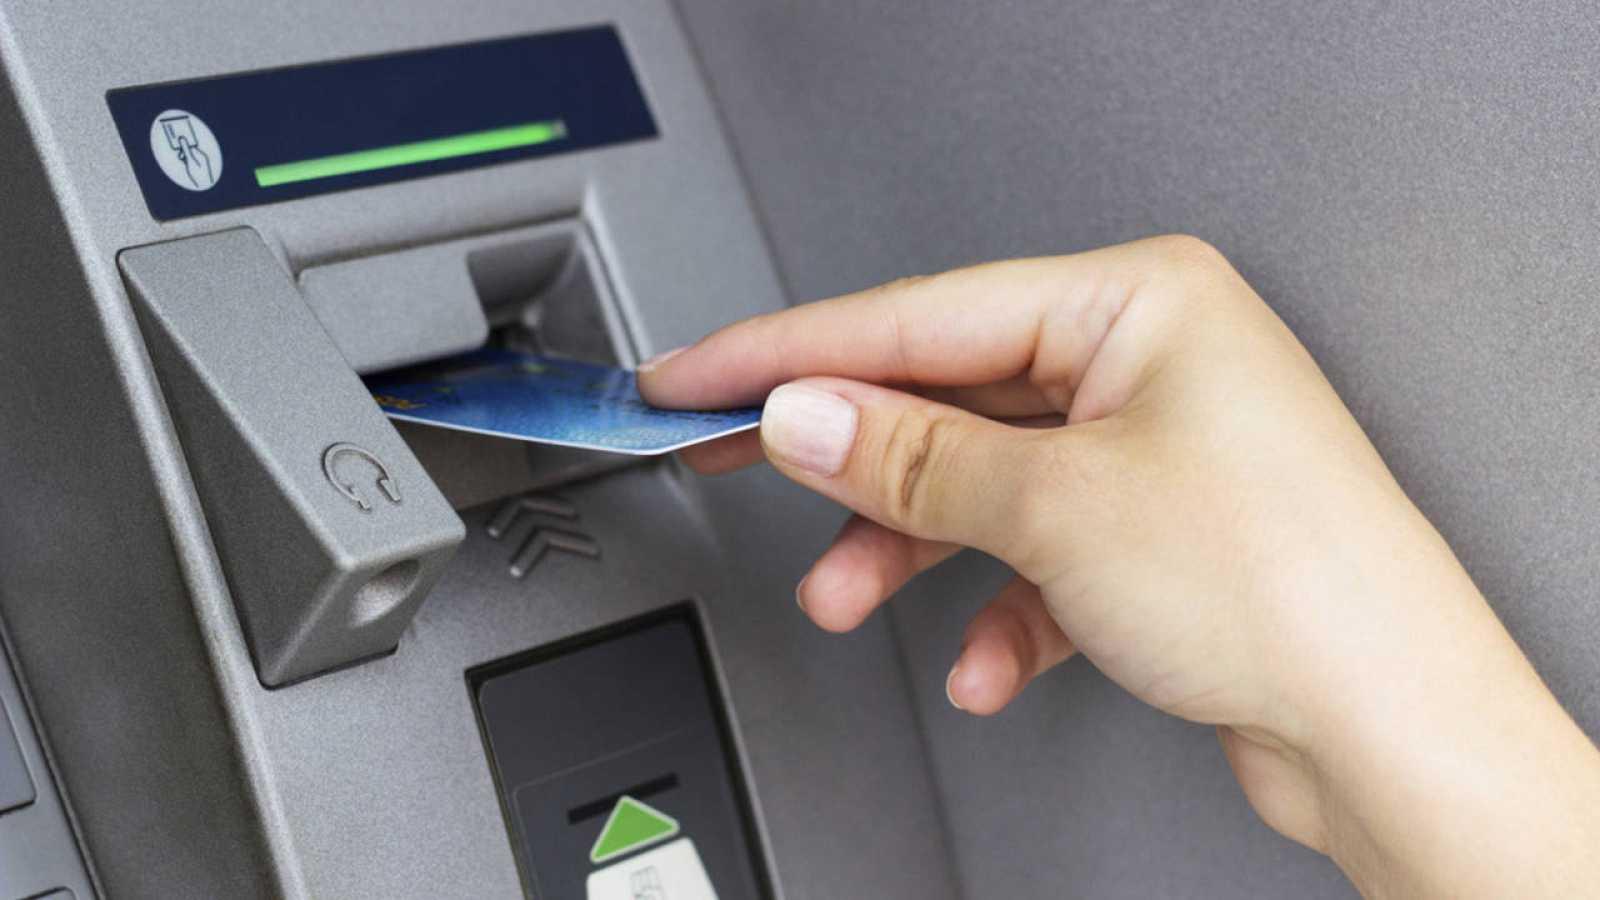 Las Comisiones De Los Cajeros Entérate De Lo Que Cobrará Cada Banco